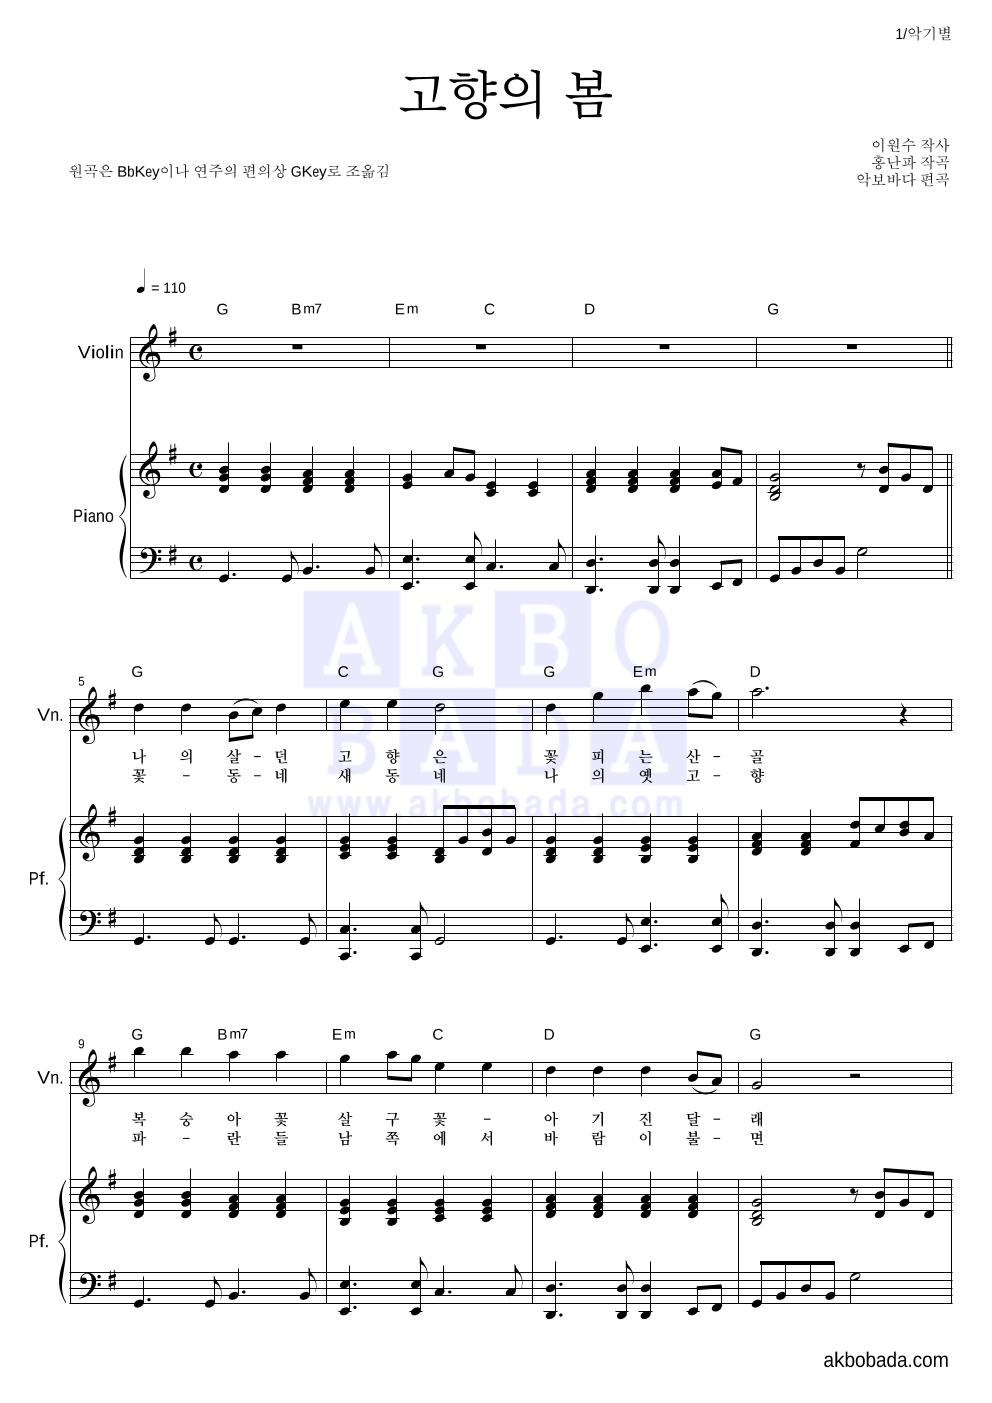 동요 - 고향의 봄 바이올린&피아노 악보